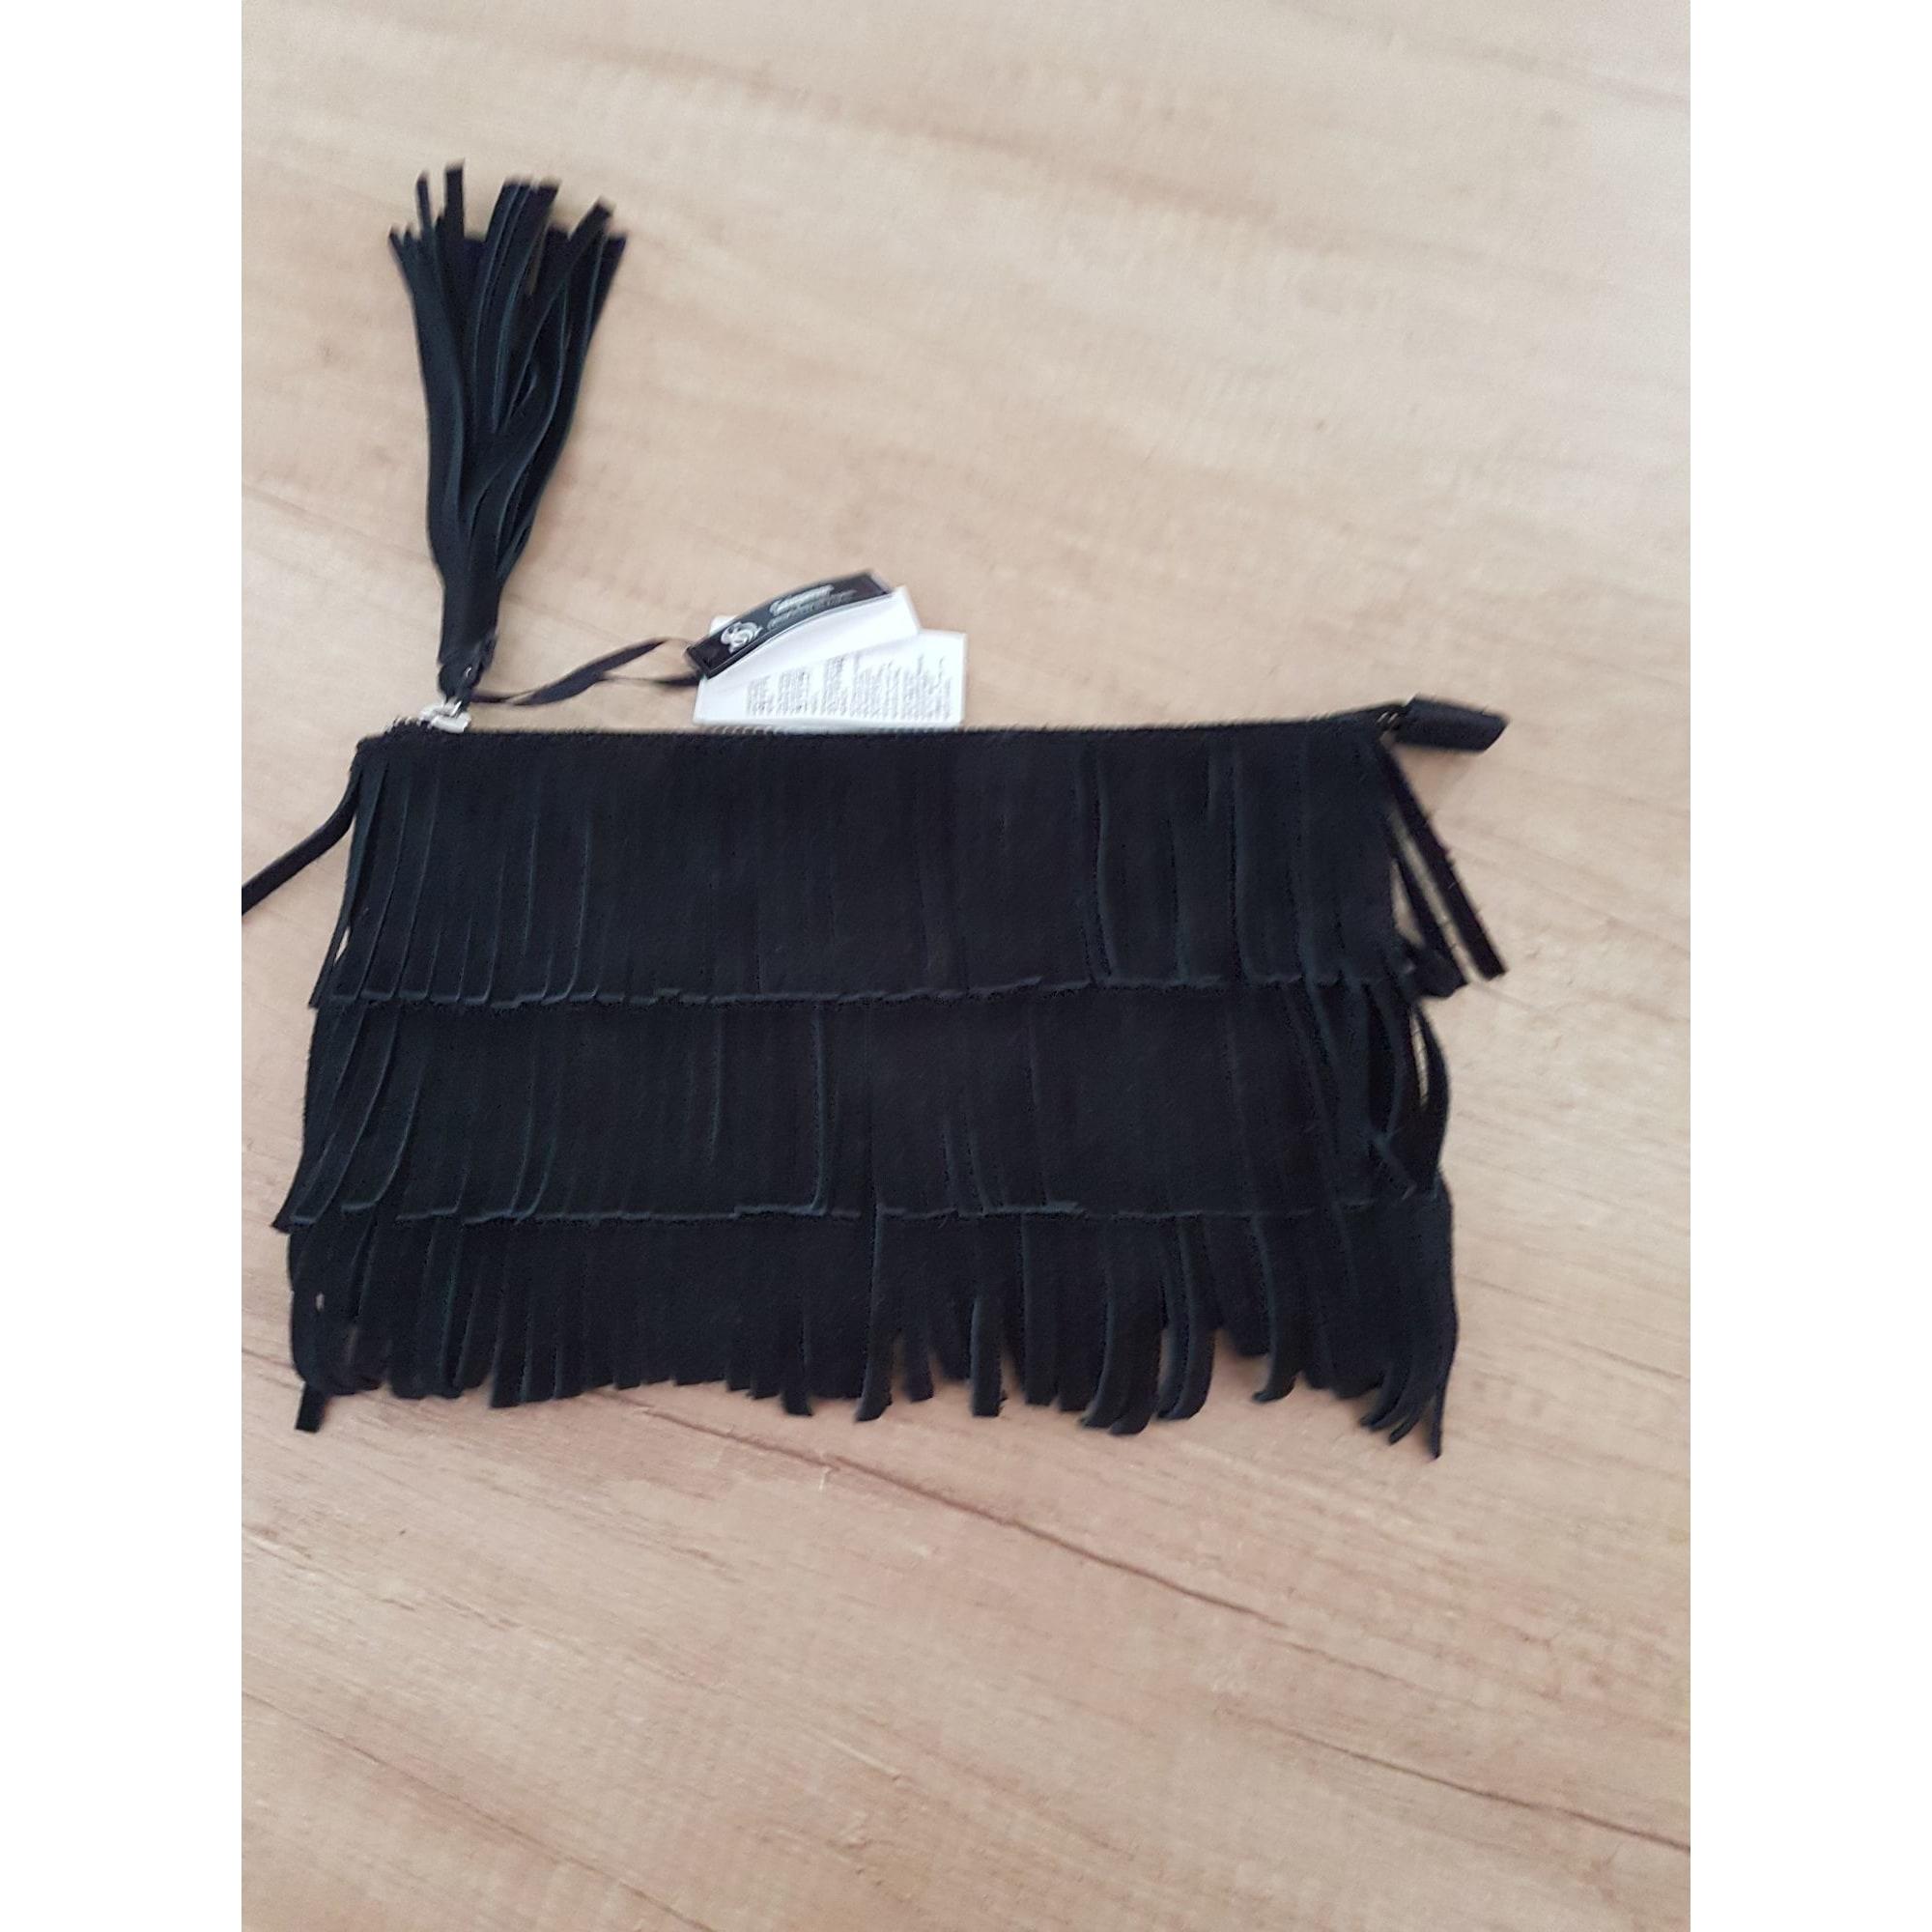 Pochette SINÉQUANONE Noir